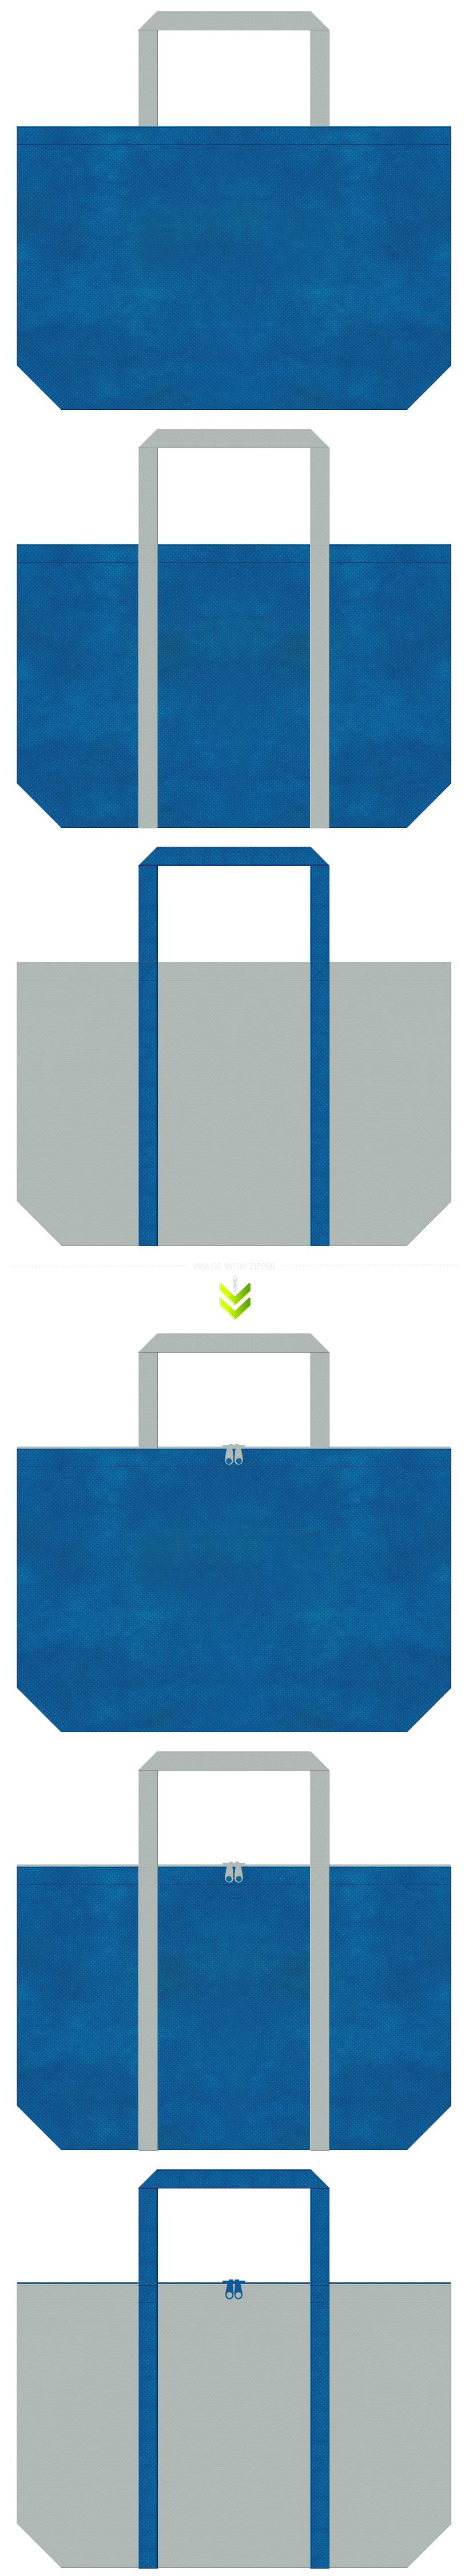 バッグノベルティのコーデ。青色とグレー色の不織布バッグデザイン。カーリングストーン風。